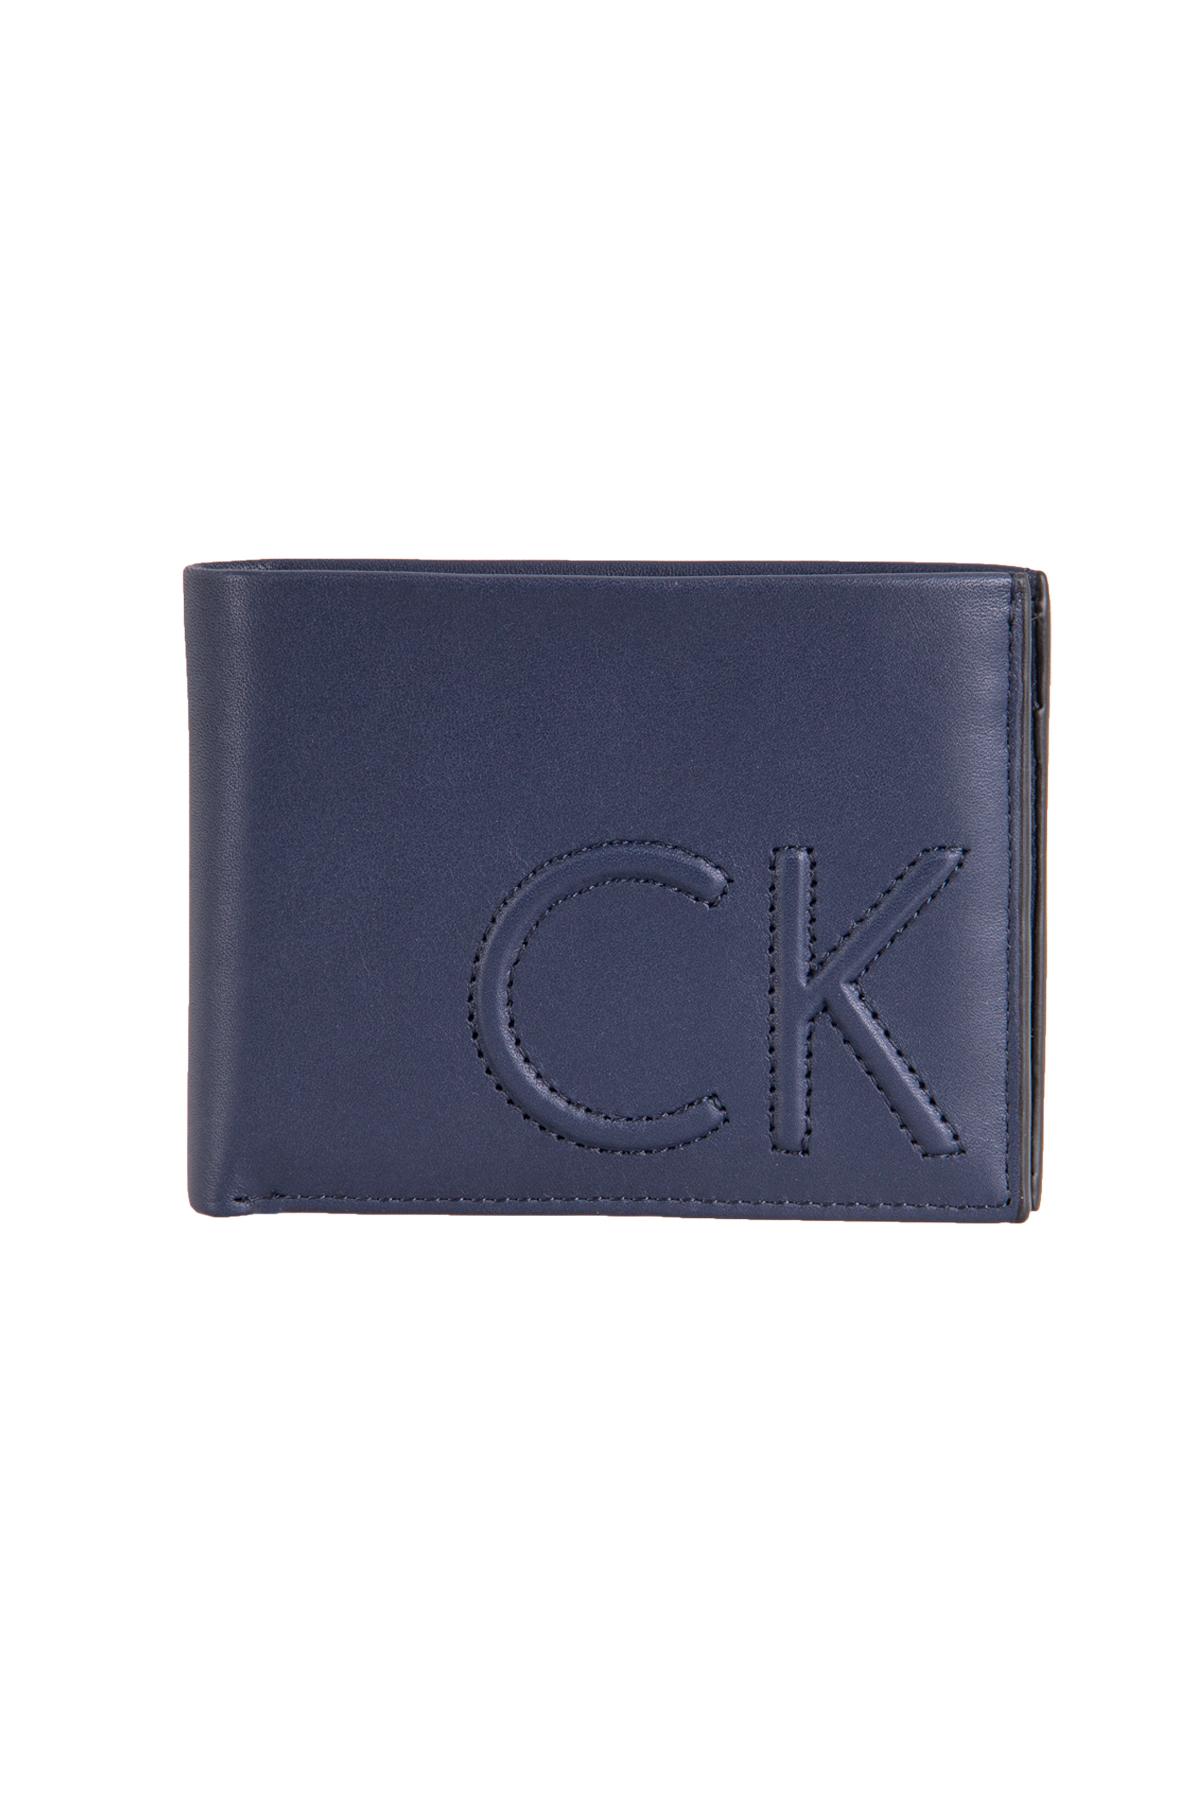 Calvin Klein Erkek Cüzdan Lacivert (ZM0ZM00723-425)